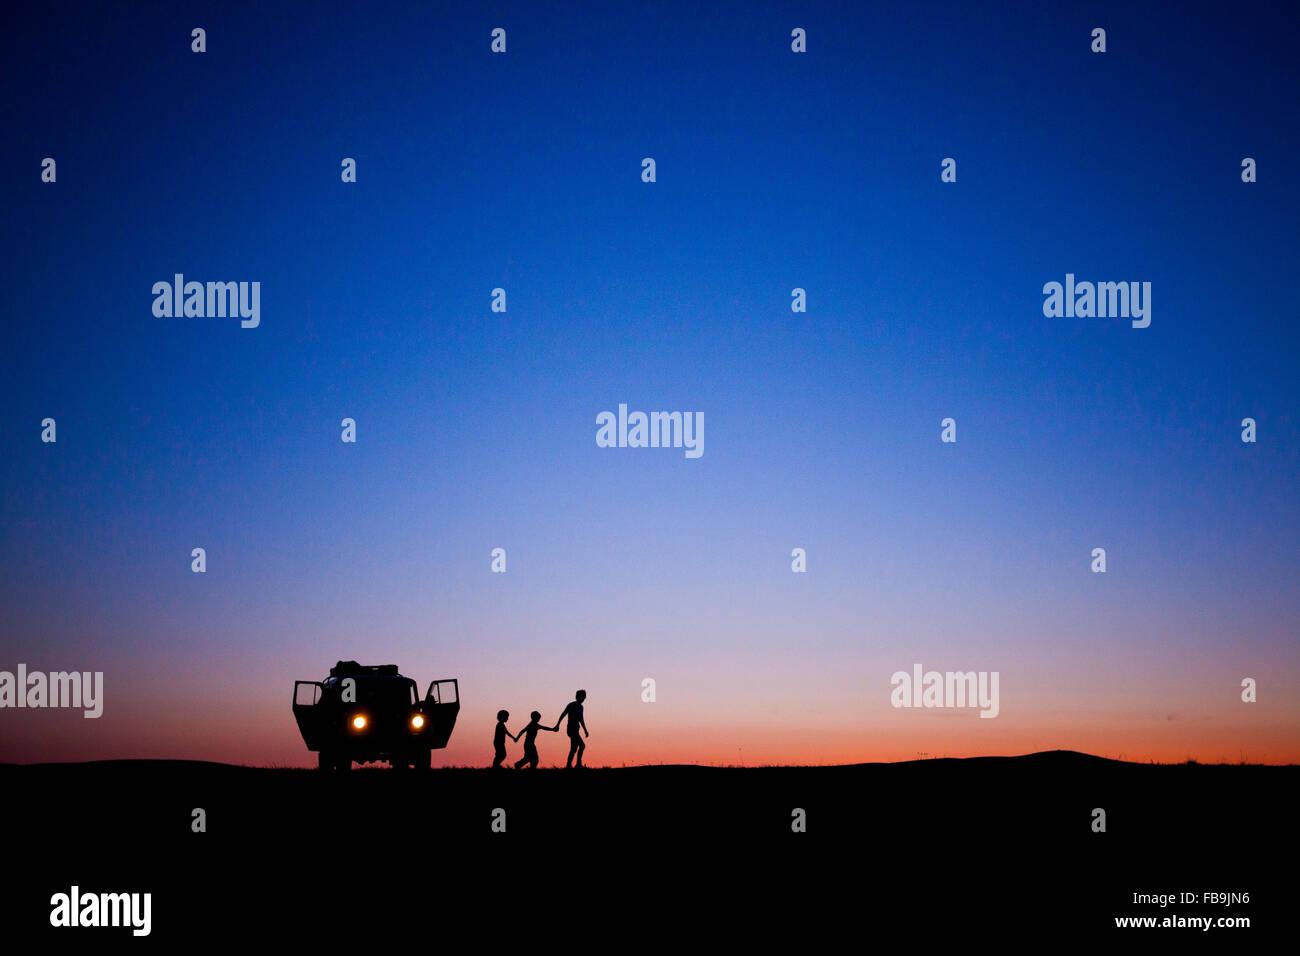 A family exploring the Gobi Desert, Zorgol Hayrhan Uul, Mongolia. - Stock Image